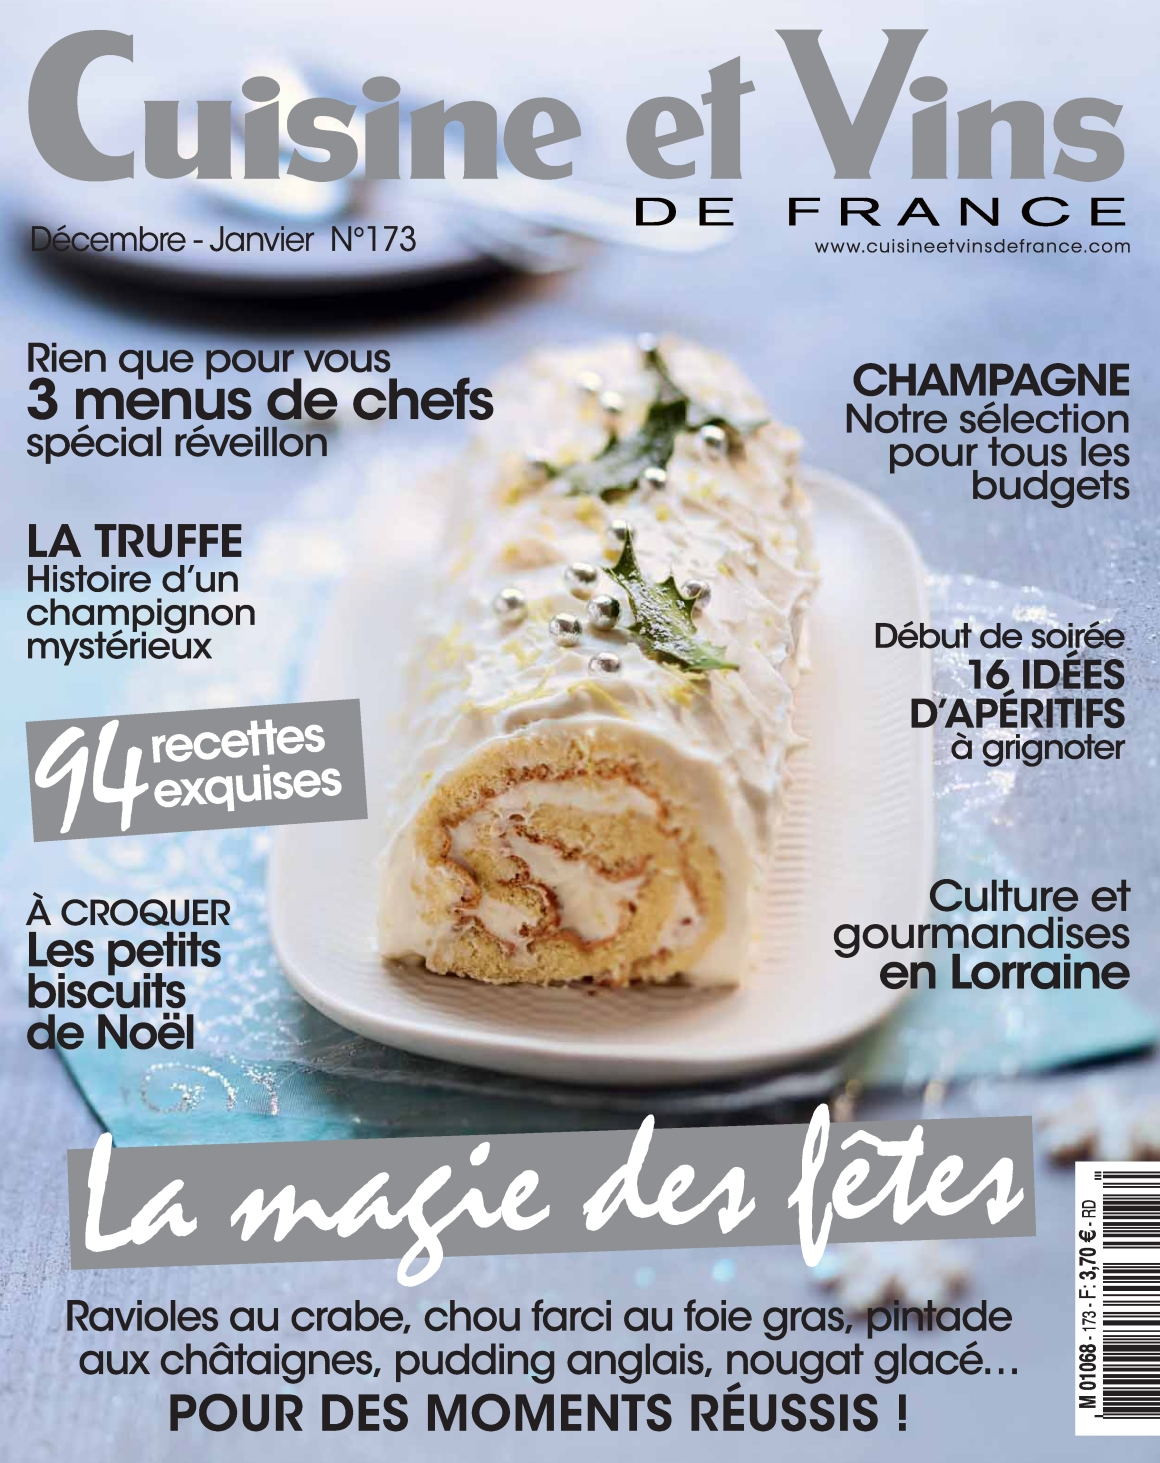 Cuisine et Vins de France N°173 - Décembre 2016/Janvier 2017